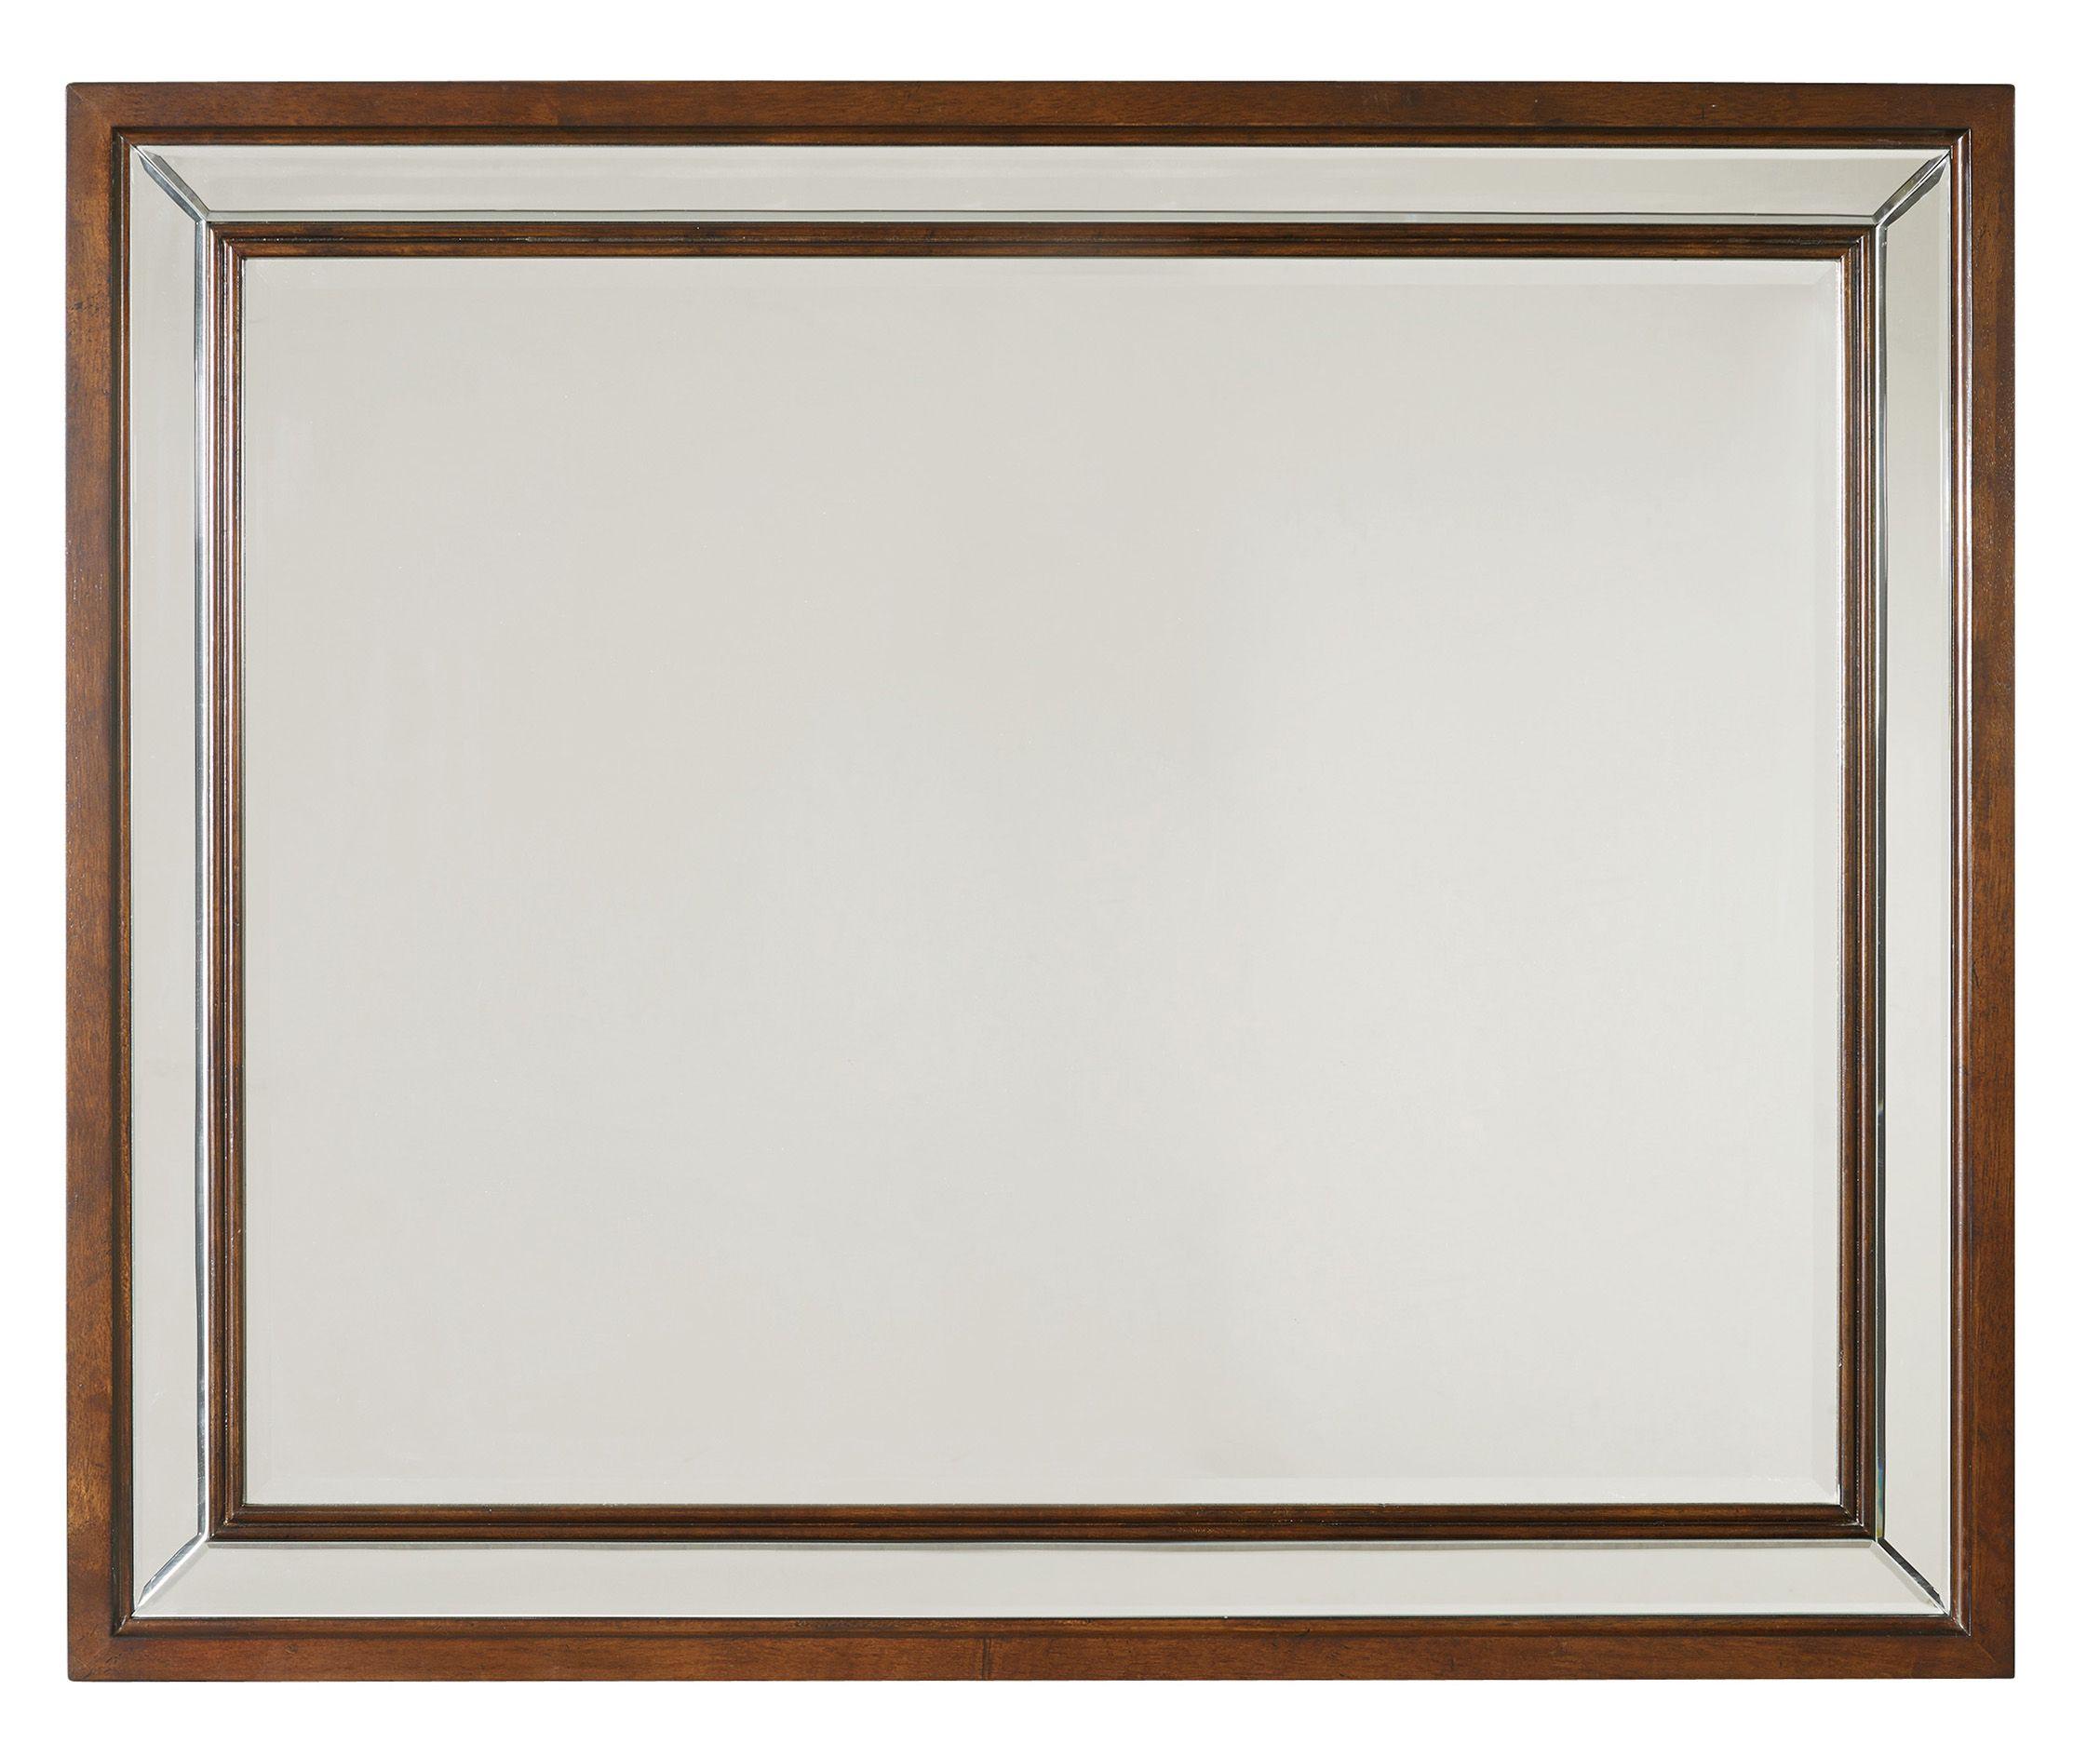 Hooker Furniture Palisade Landscape Mirror 5183-90008